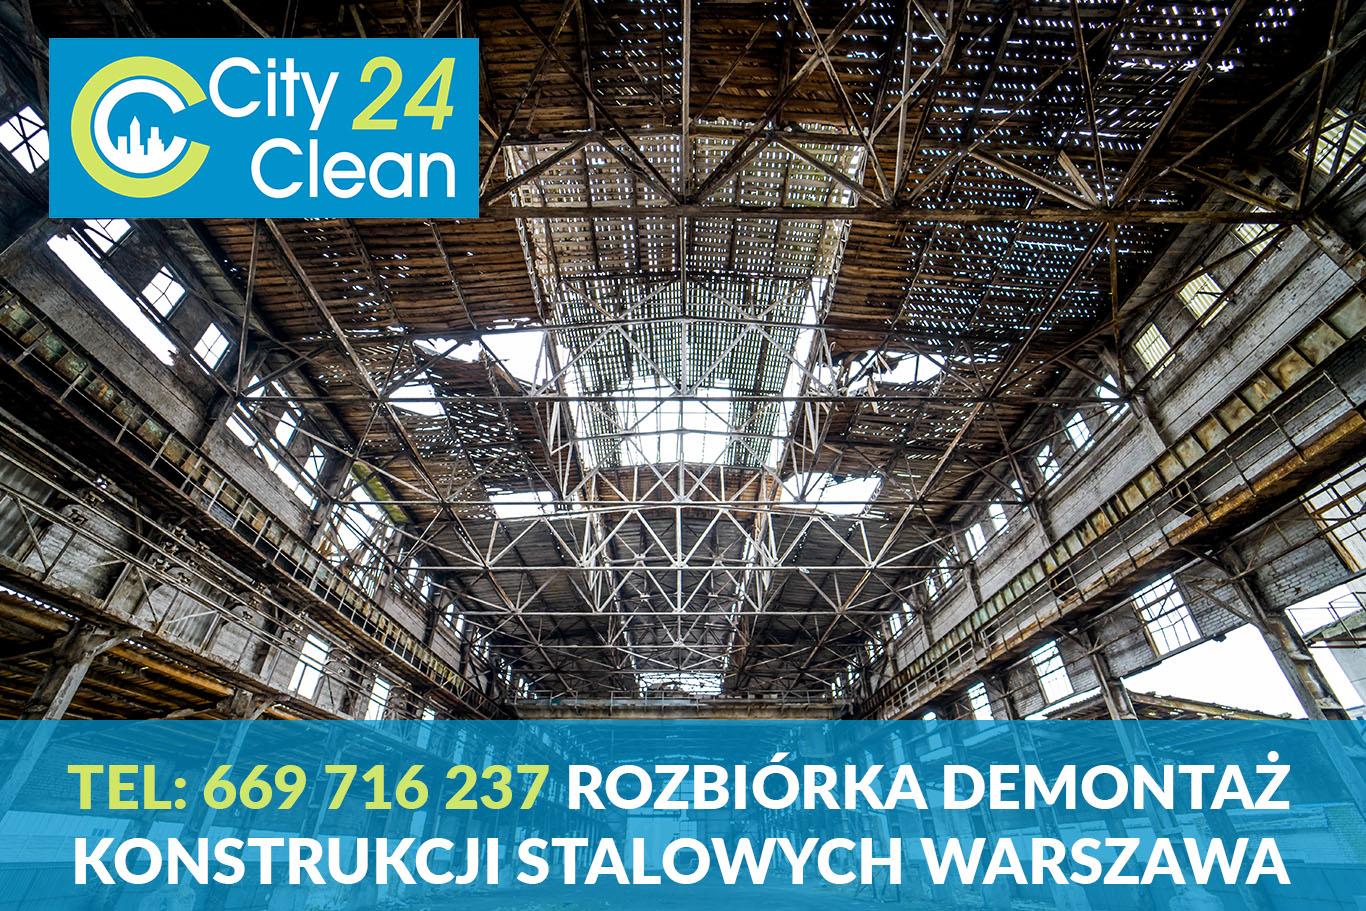 Rozbiórka demontaż konstrukcji stalowych Warszawa